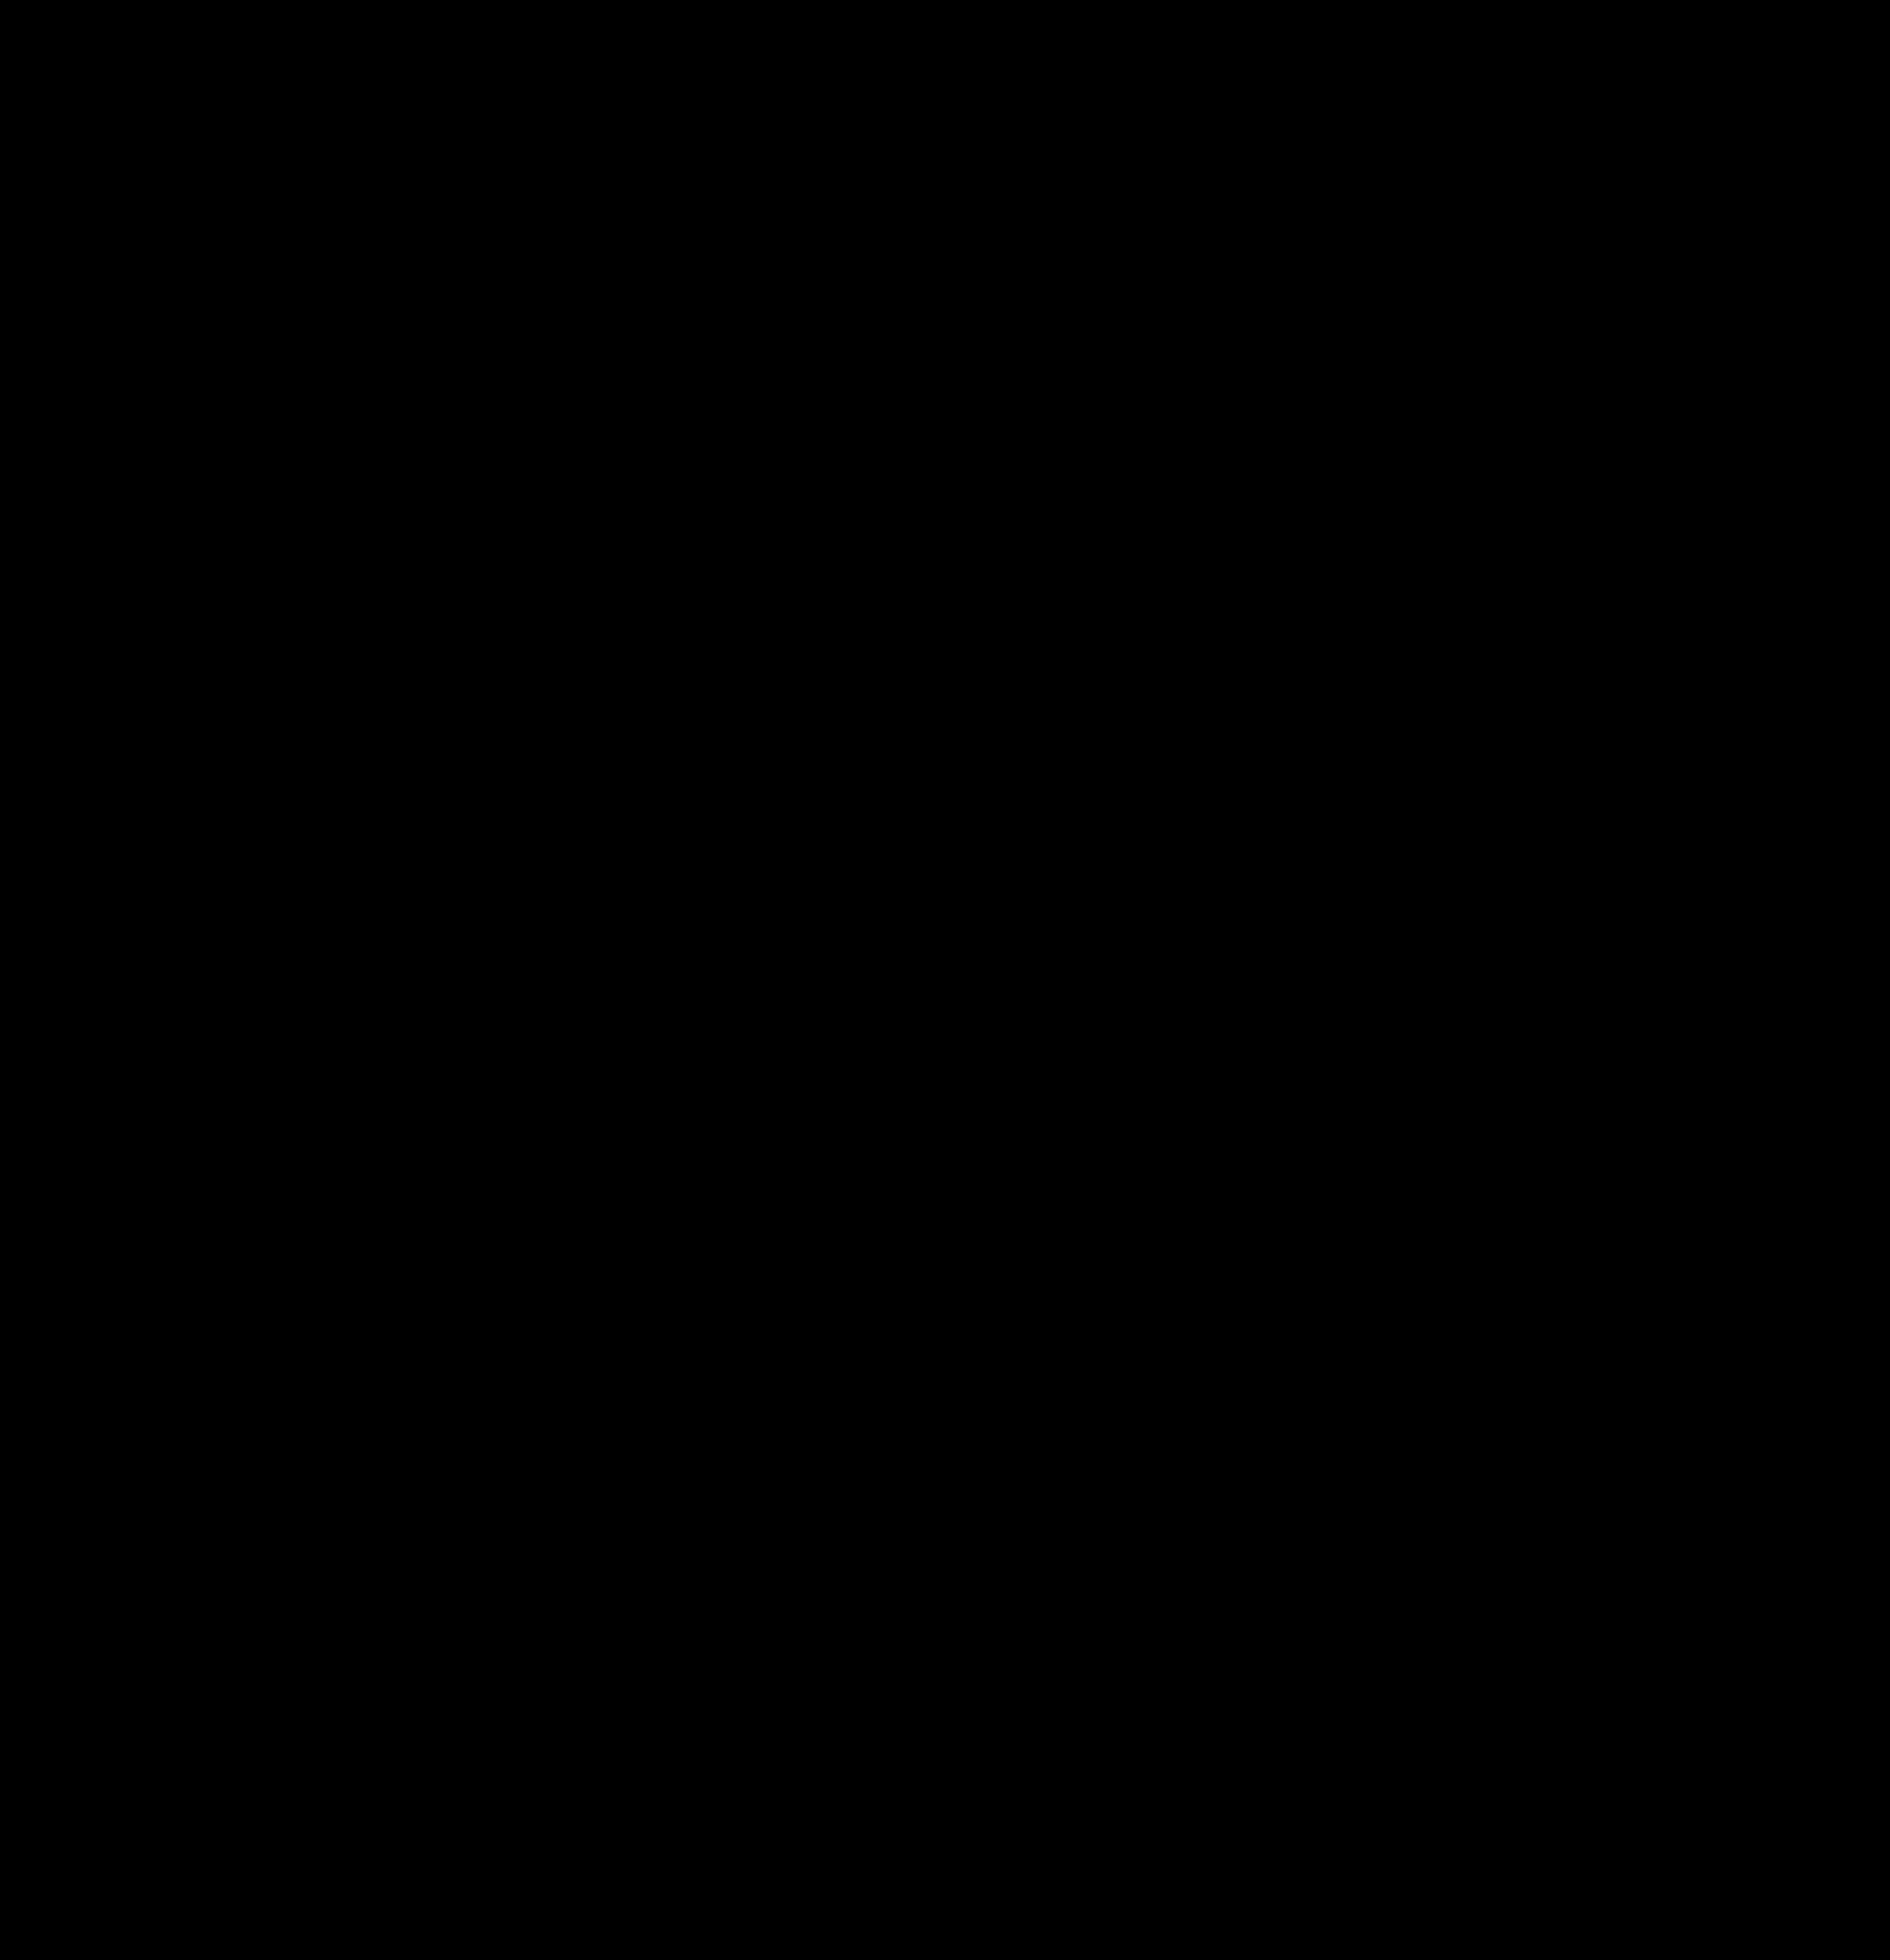 Logos and symbols | Moonspell